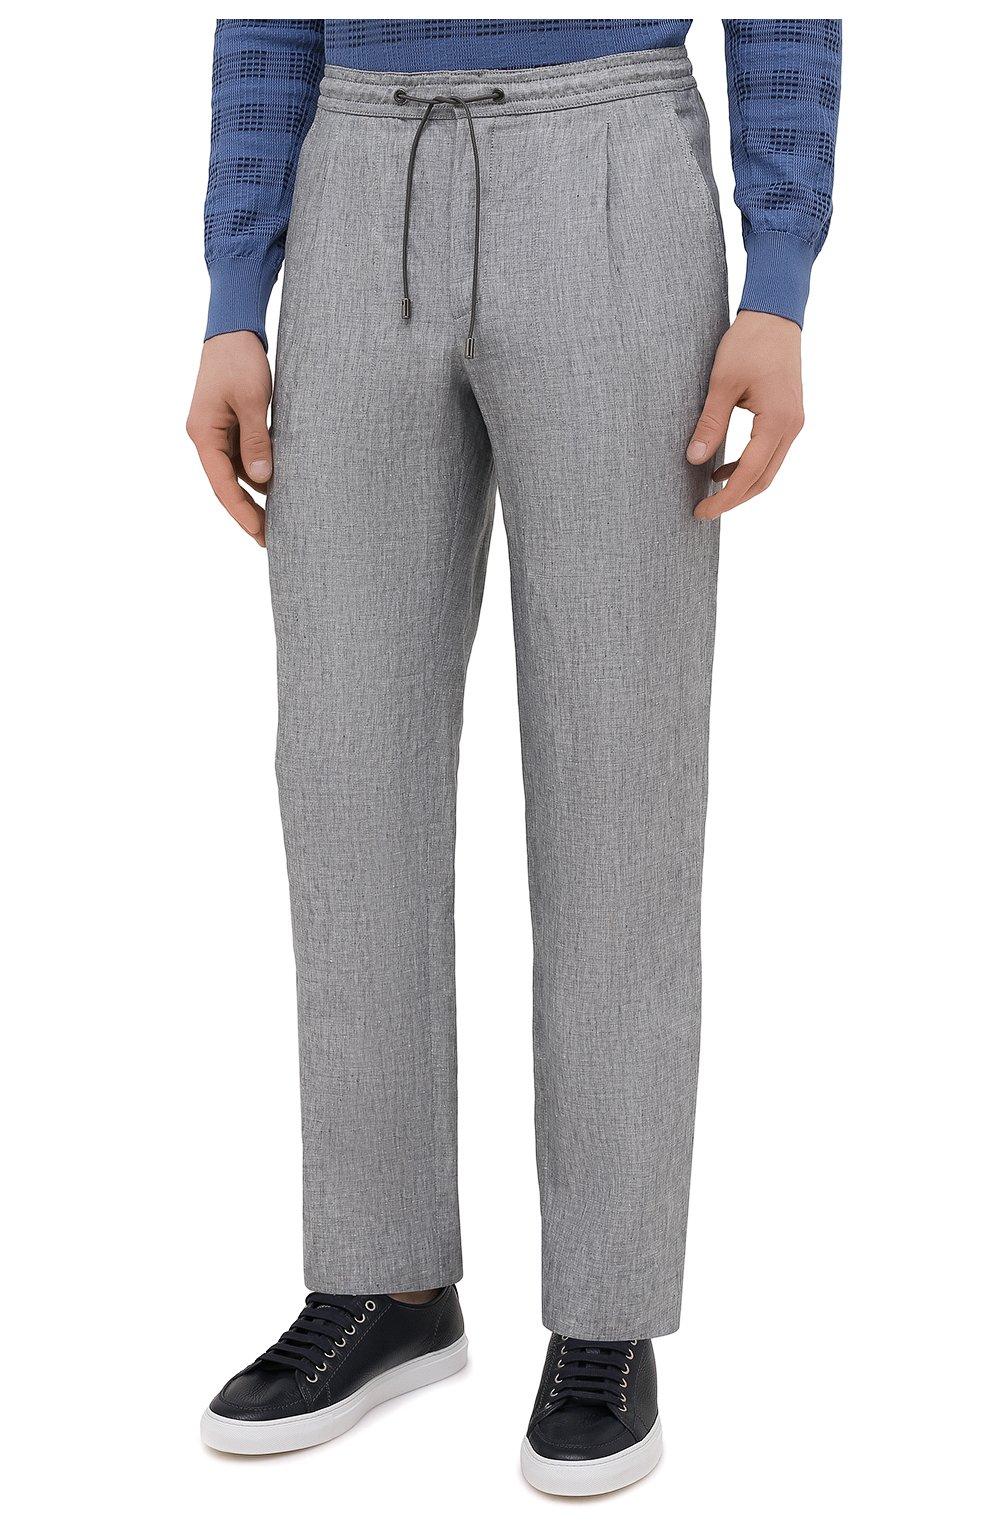 Мужские льняные брюки BRIONI серого цвета, арт. RPMJ0M/P6114/NEW JAMAICA   Фото 3 (Длина (брюки, джинсы): Стандартные; Случай: Повседневный; Материал внешний: Лен; Стили: Кэжуэл)